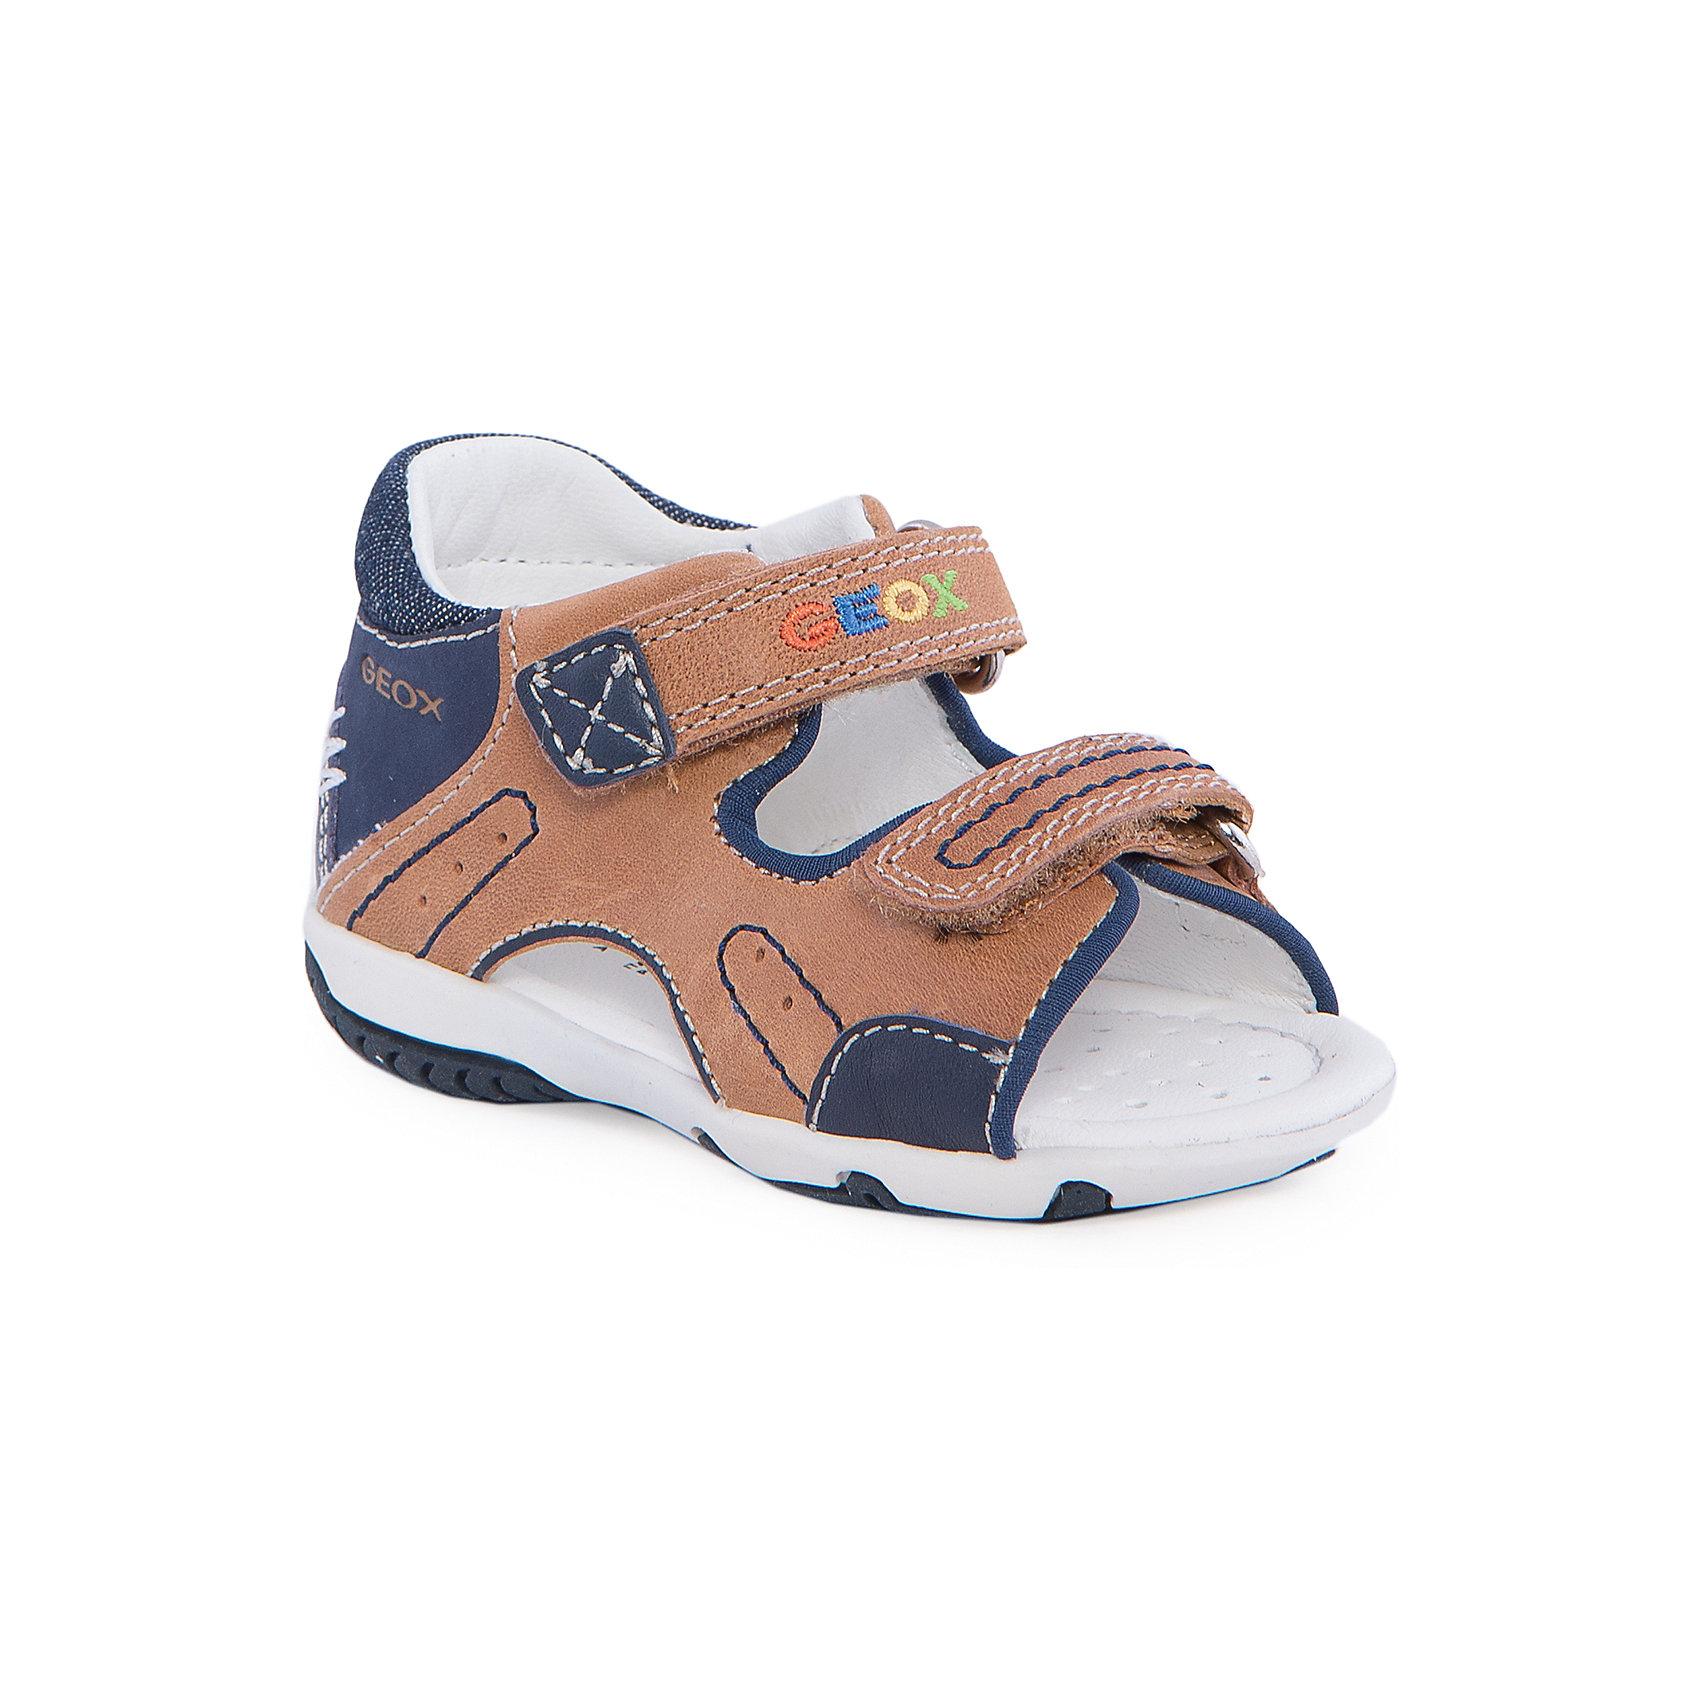 Сандалии для мальчика GEOXСандалии для мальчика от популярной марки GEOX (Геокс).<br><br>Модные сандалии - отличная обувь для нового летнего сезона. Эта модель создана специально для мальчиков, она очень стильно и оригинально смотрится.<br>Производитель обуви заботится не только о внешнем виде, но и стабильно высоком качестве продукции. GEOX (Геокс) разработал специальную высокотехнологичную стельку. Вся обувь делается только из качественных и надежных материалов.<br><br>Отличительные особенности модели:<br><br>- цвет: бежевый синий;<br>- декорирована контрастной прострочкой и вышивкой;<br>- гибкая прочная подошва;<br>- мягкий и легкий верх;<br>- защита пятки;<br>- стильный дизайн;<br>- анатомическая дышащая стелька;<br>- удобные застежки - липучки;<br>- комфортное облегание.<br><br>Дополнительная информация:<br><br>- Сезон: весна/лето.<br><br>- Состав:<br><br>материал верха: натуральная кожа;<br>стелька: натуральная кожа;<br>подошва: полимер.<br><br>Сандалии для мальчика GEOX (Геокс) можно купить в нашем магазине.<br><br>Ширина мм: 262<br>Глубина мм: 176<br>Высота мм: 97<br>Вес г: 427<br>Цвет: коричневый<br>Возраст от месяцев: 18<br>Возраст до месяцев: 21<br>Пол: Мужской<br>Возраст: Детский<br>Размер: 23,25,24,21,22<br>SKU: 4519236